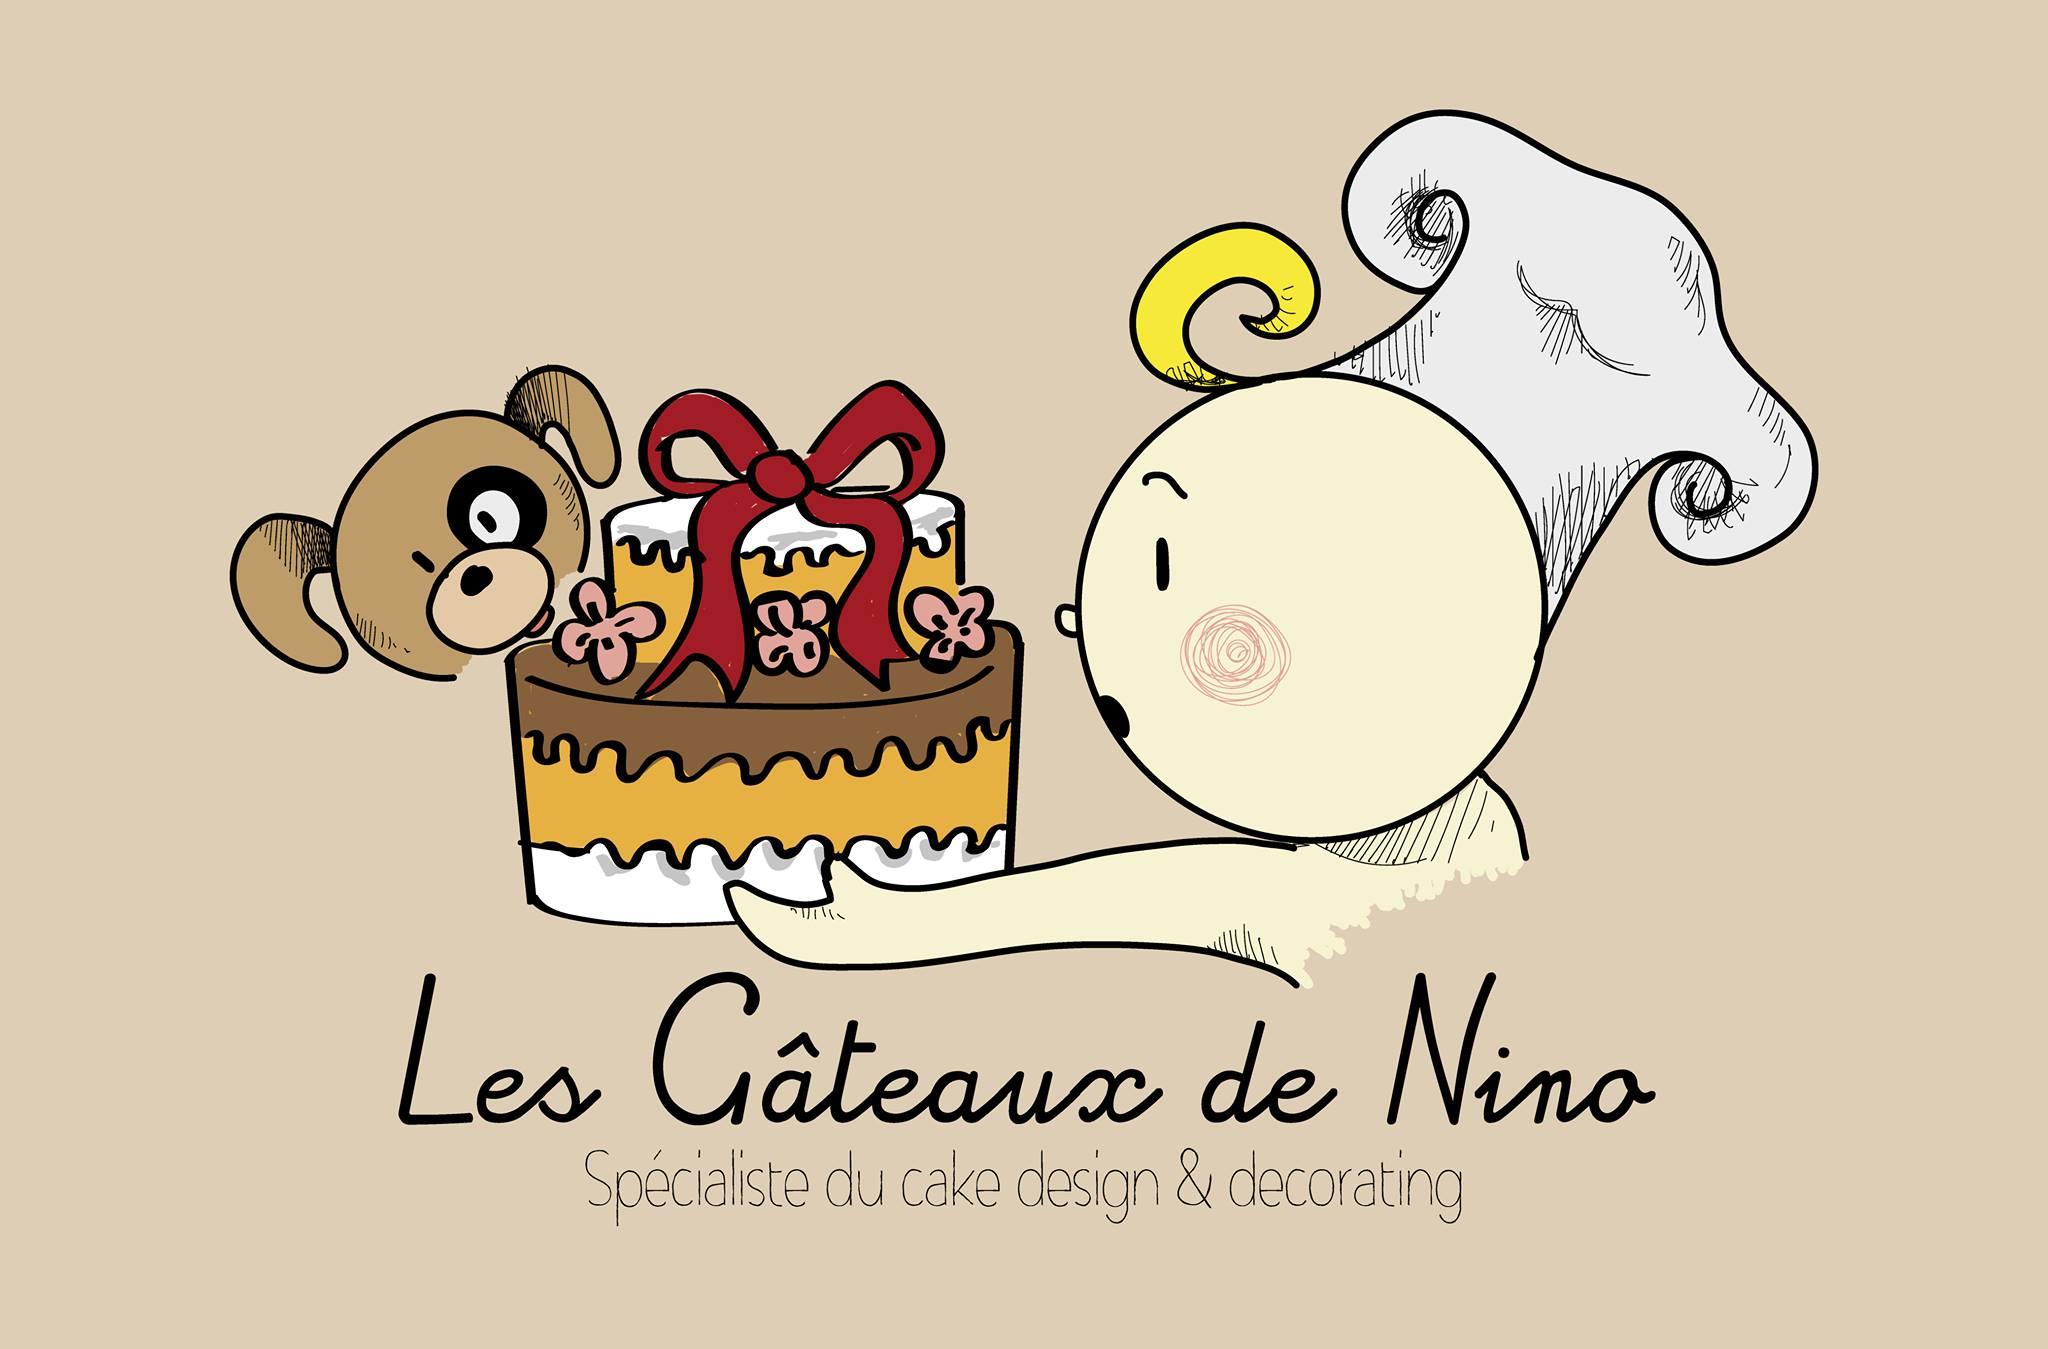 Les Gâteaux de Nino